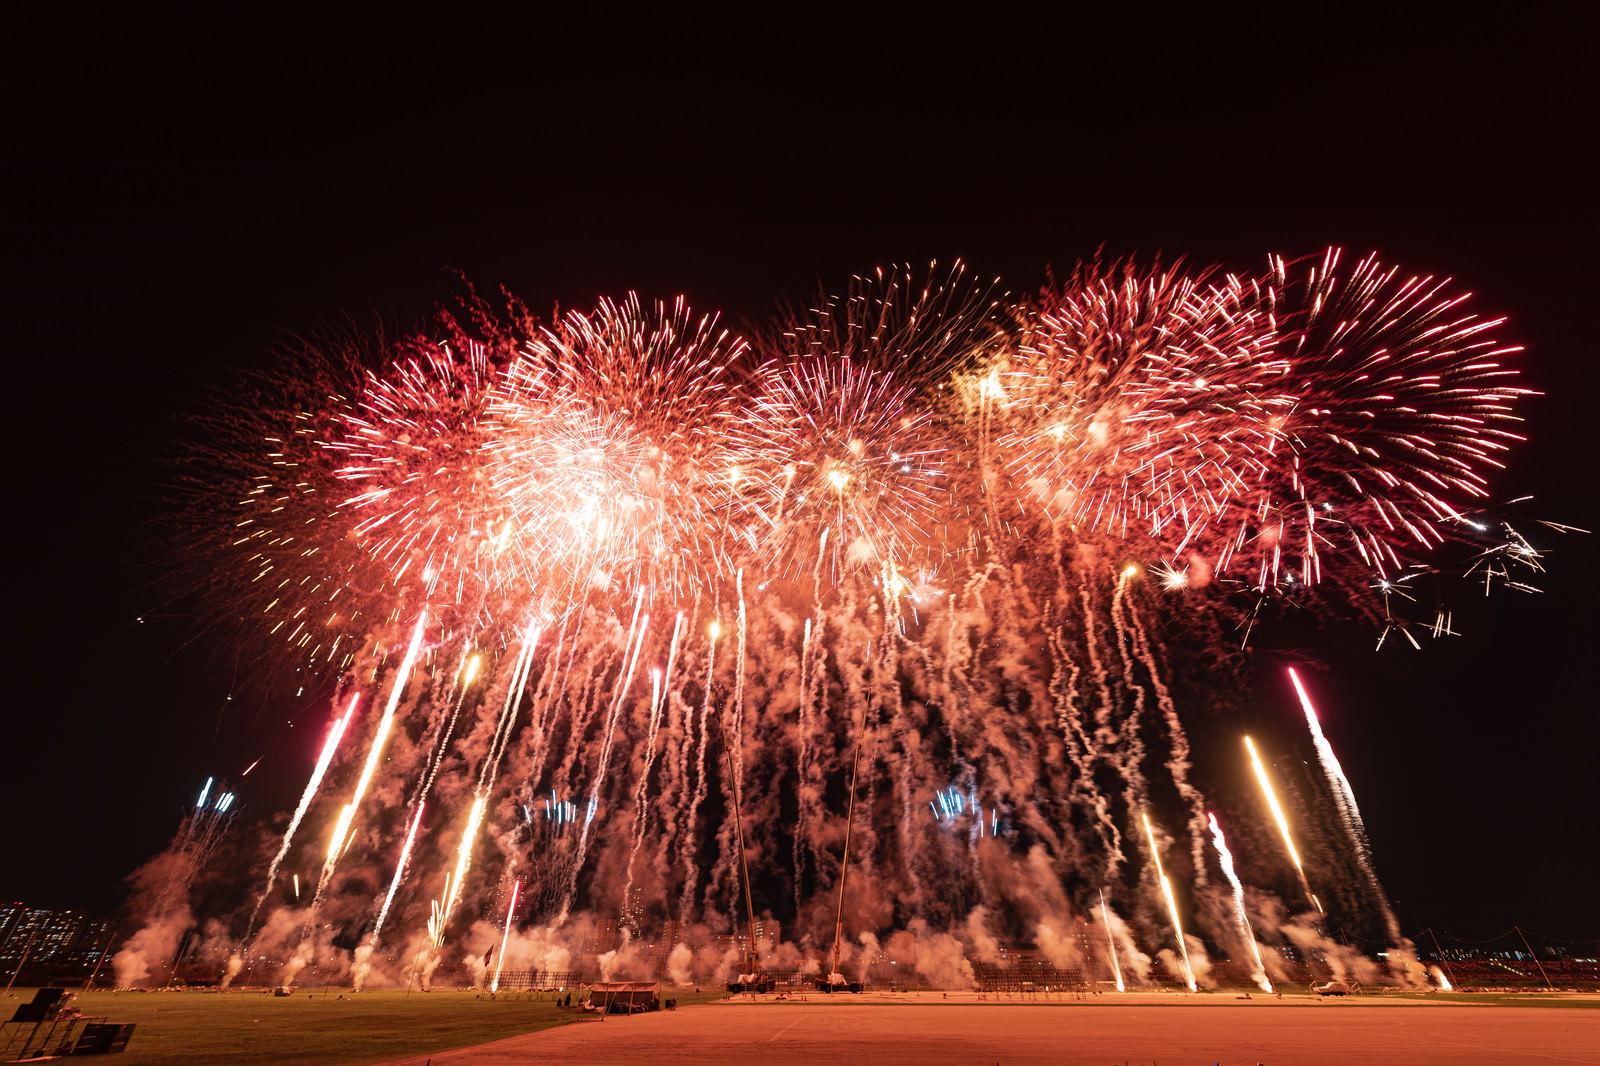 「次々と炸裂する花火(スターマイン) | 写真の無料素材・フリー素材 - ぱくたそ」の写真